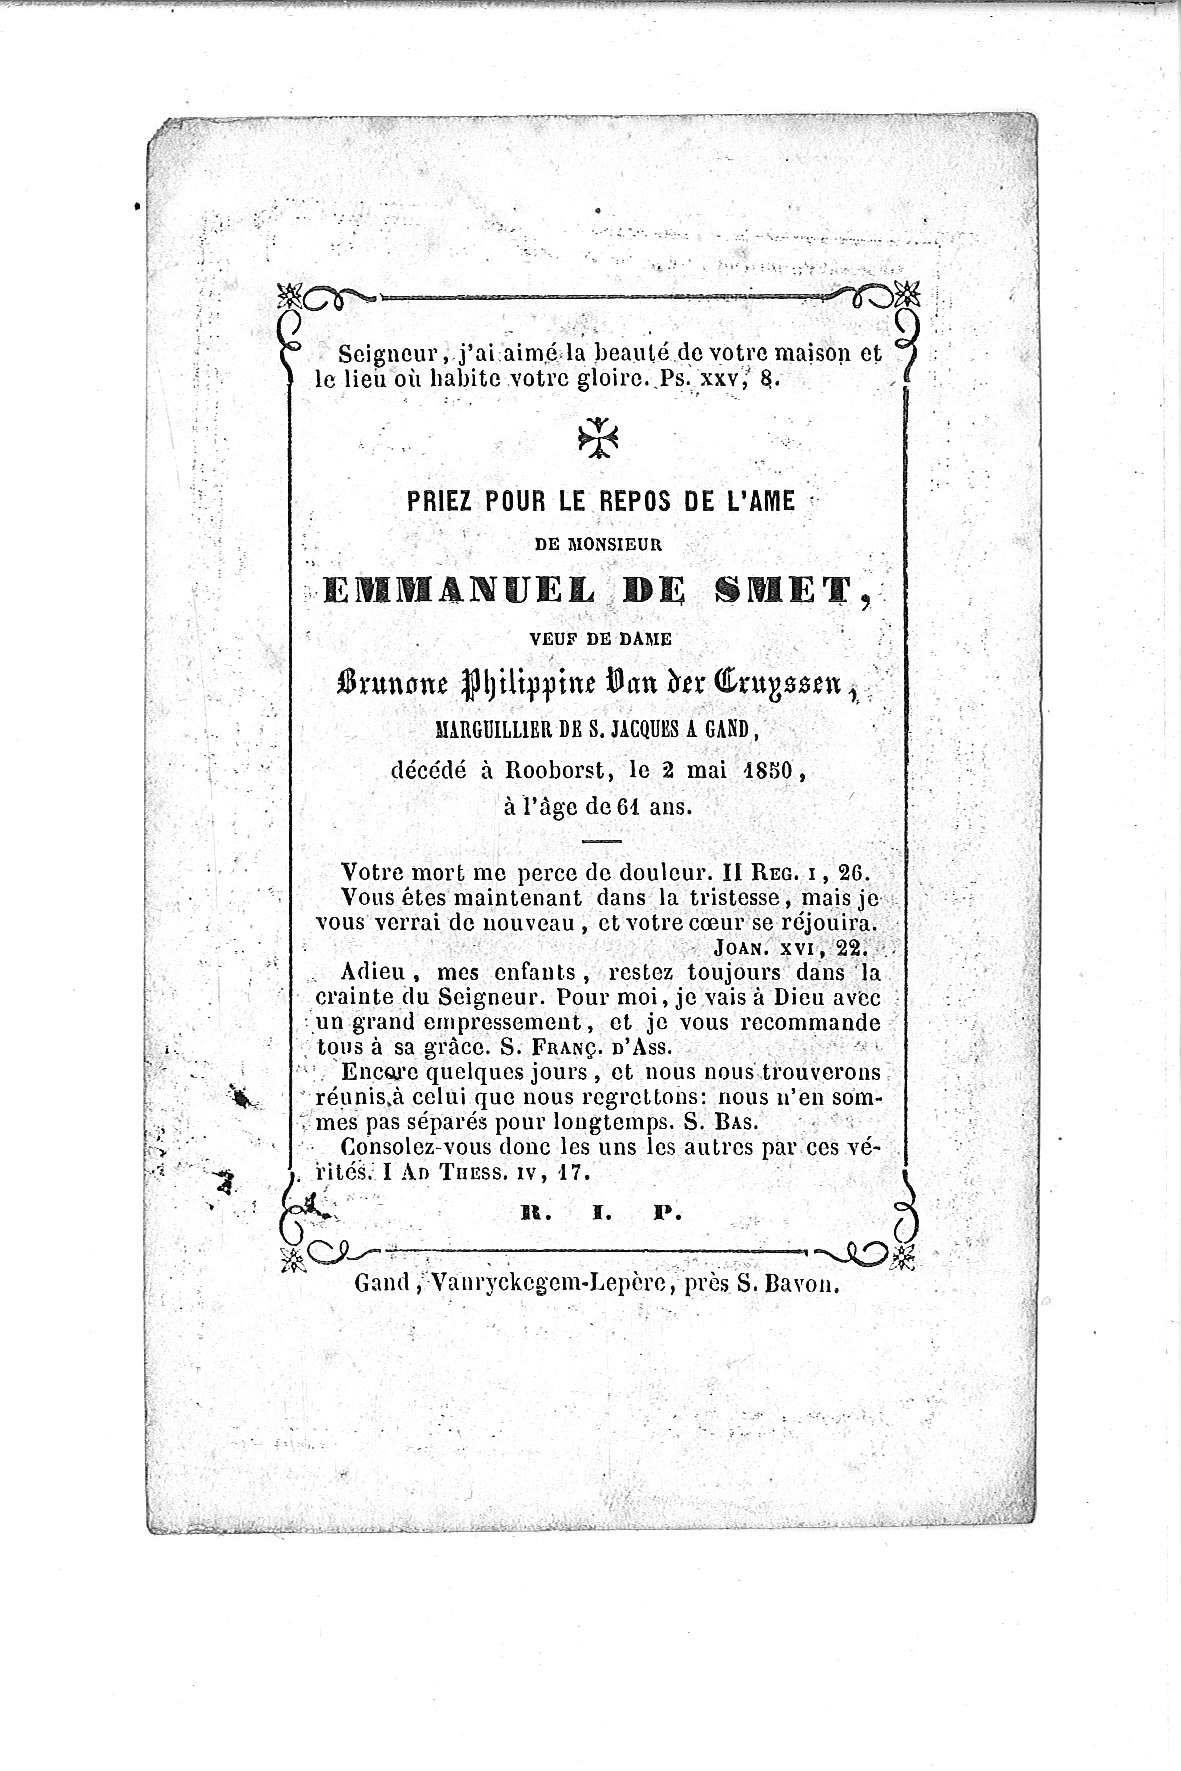 Emmanuel (1850) 20120504095506_00073.jpg